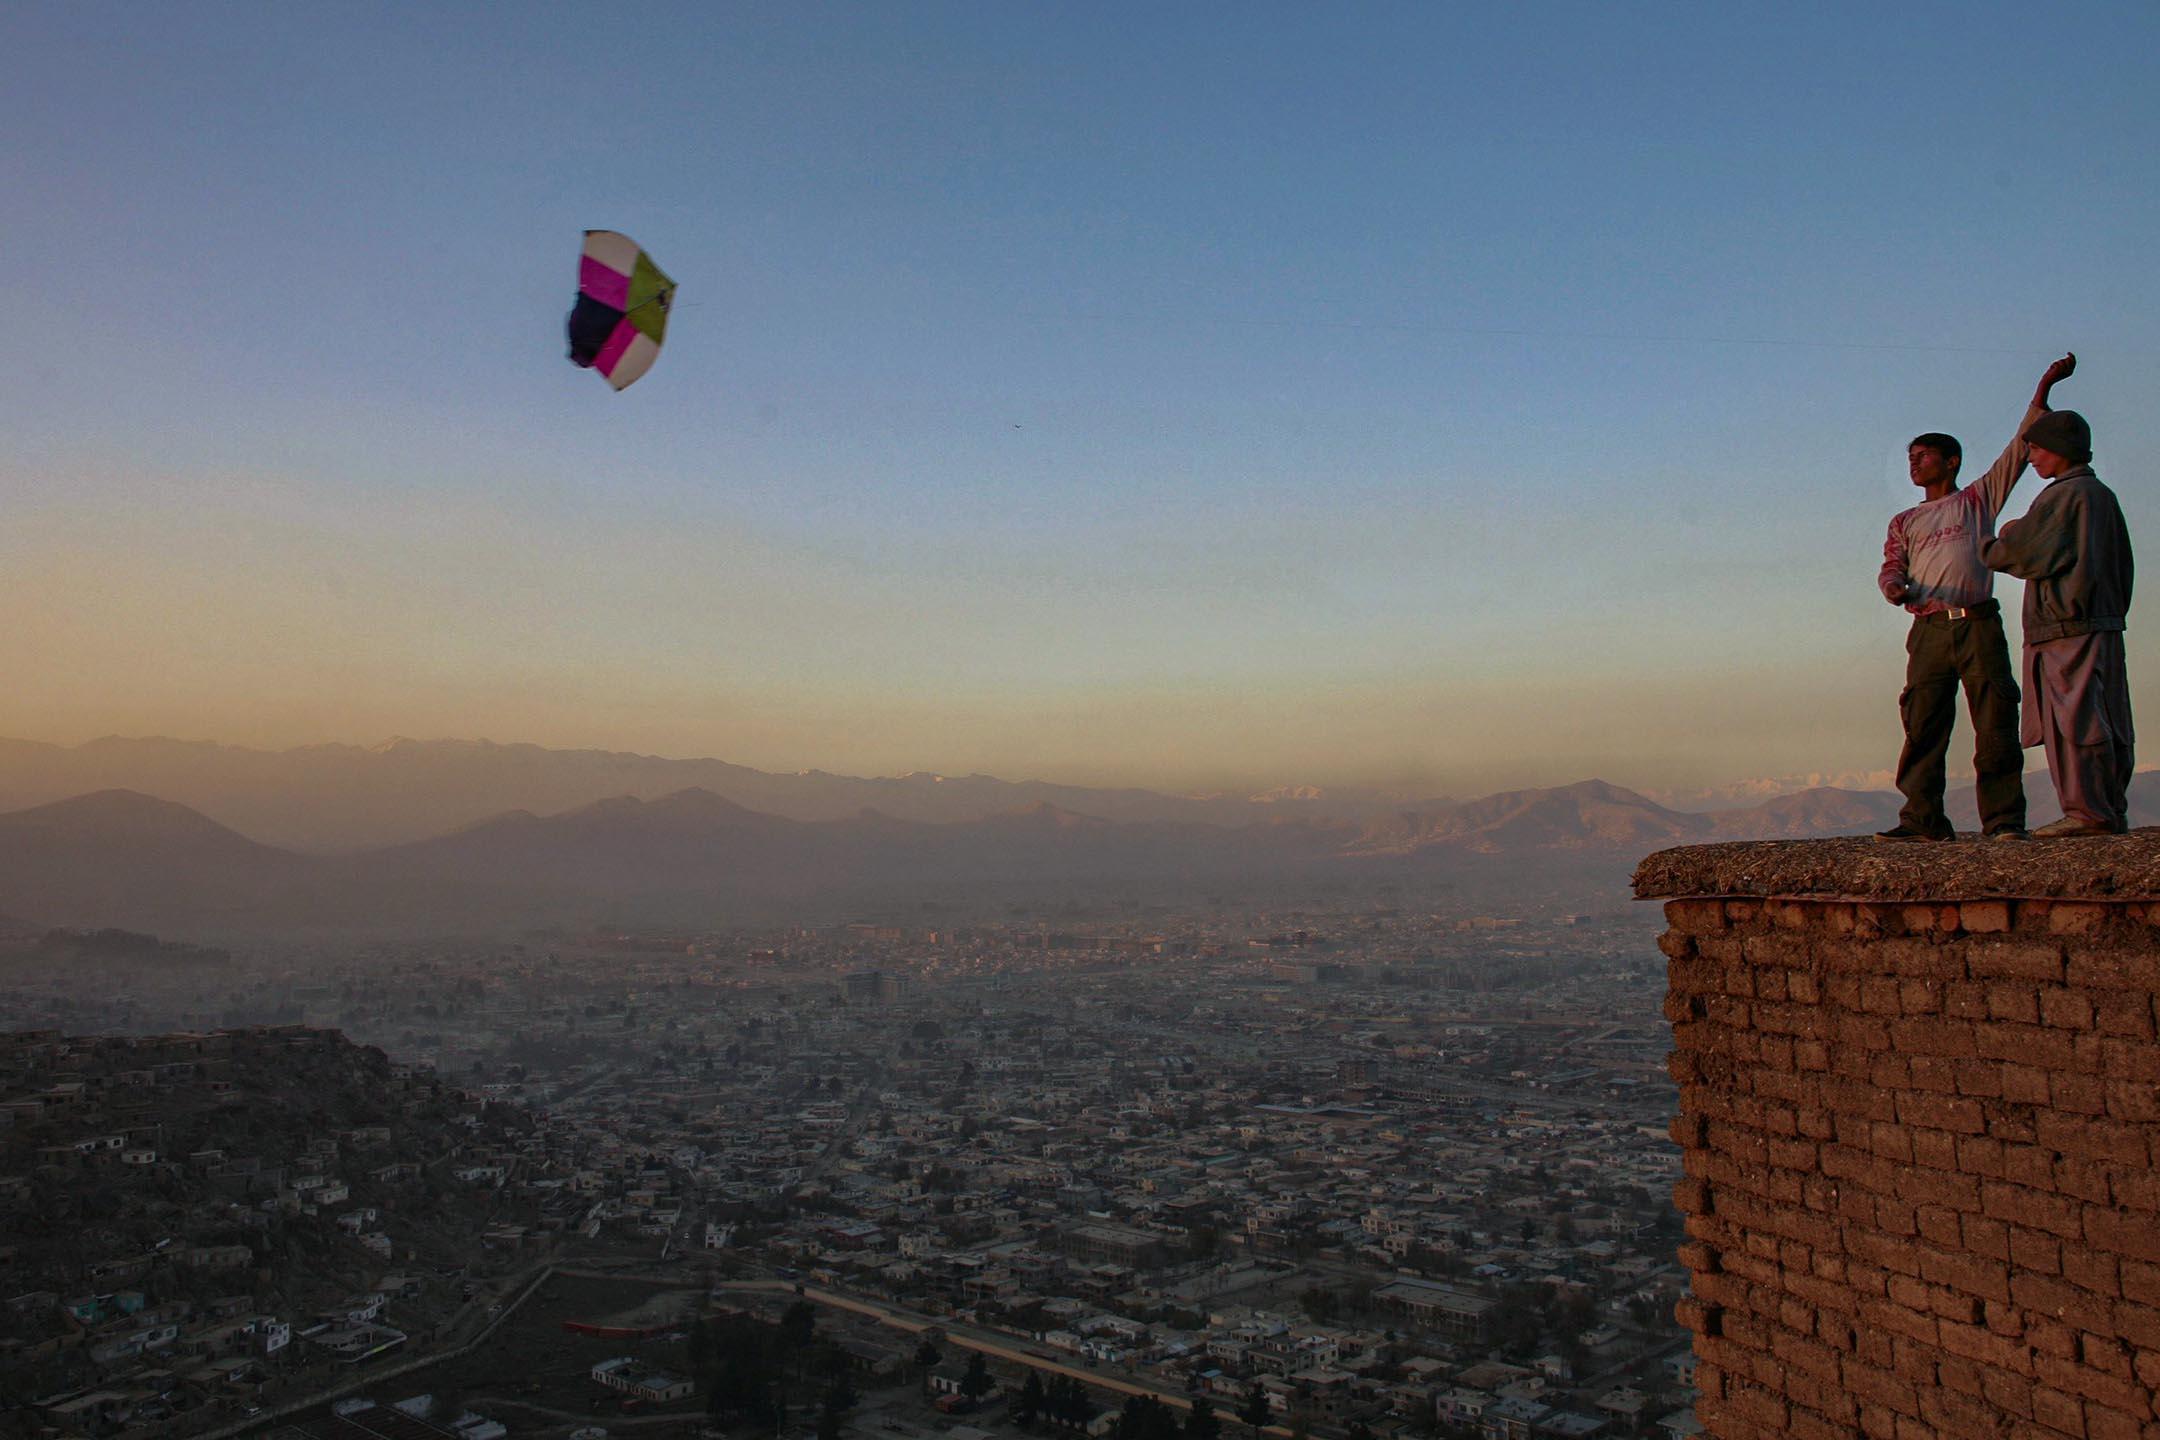 2006年11月23日阿富汗喀布爾,男孩在俯瞰喀布爾的山上放風箏。 攝:Paula Bronstein/Getty Images